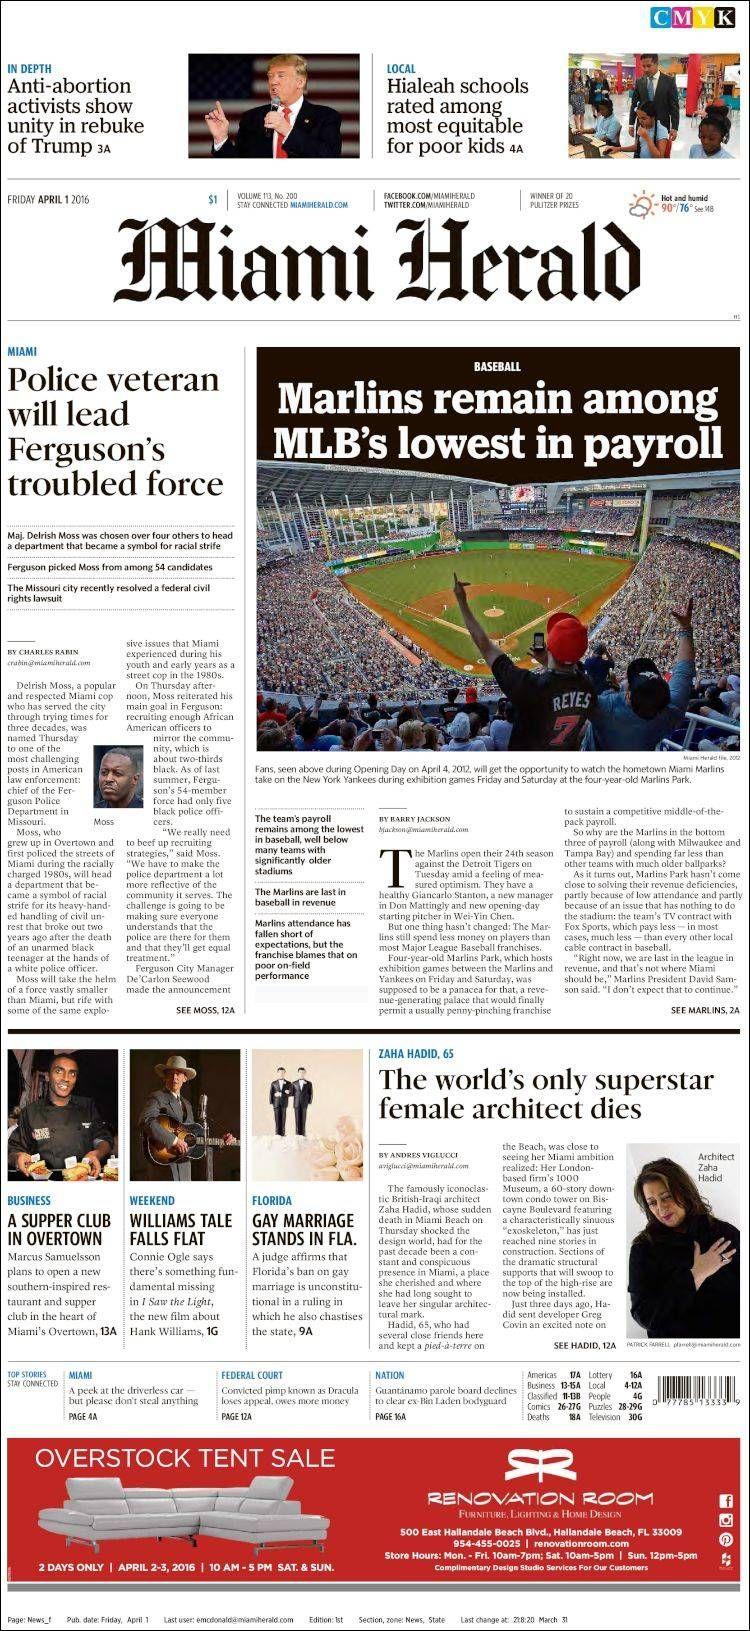 Pin On News Around The World Medianews Newspapers Noticias Alrededor Del Mundo Portadas De Prensa